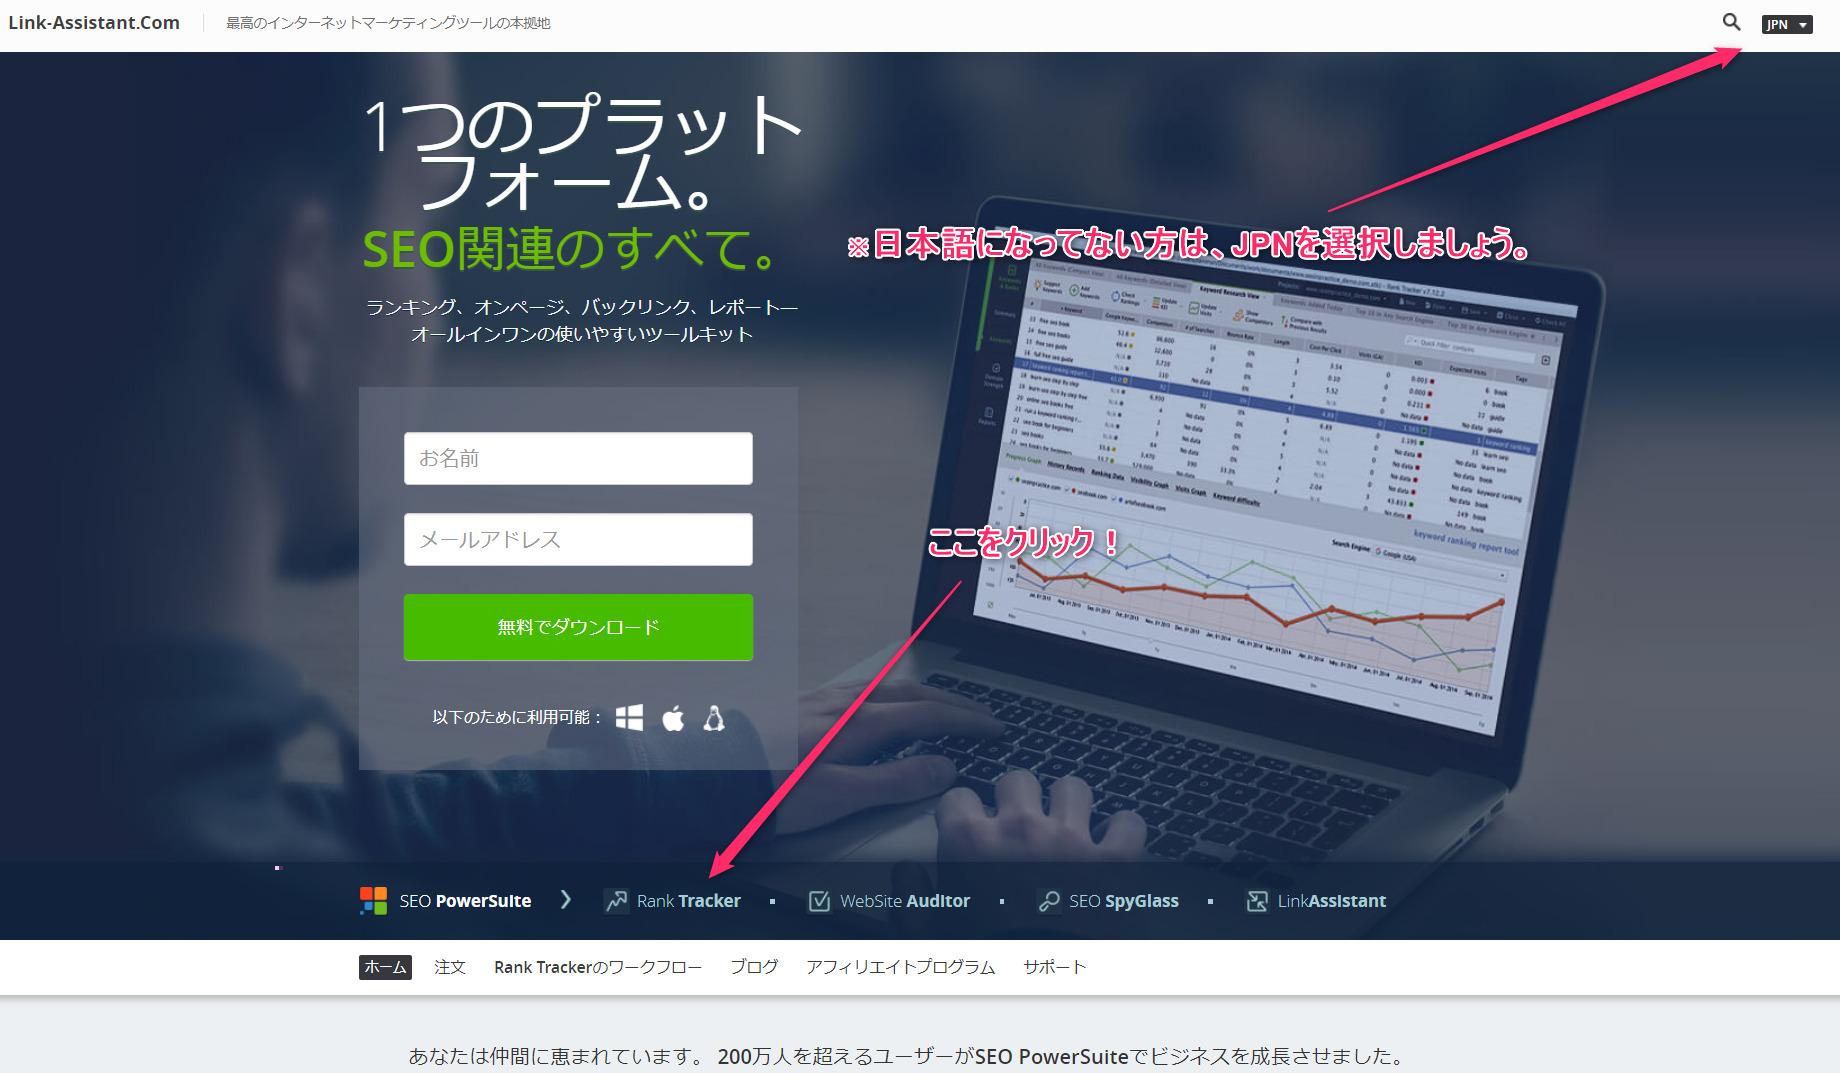 公式サイトへ画面からRankTrackerをクリックする